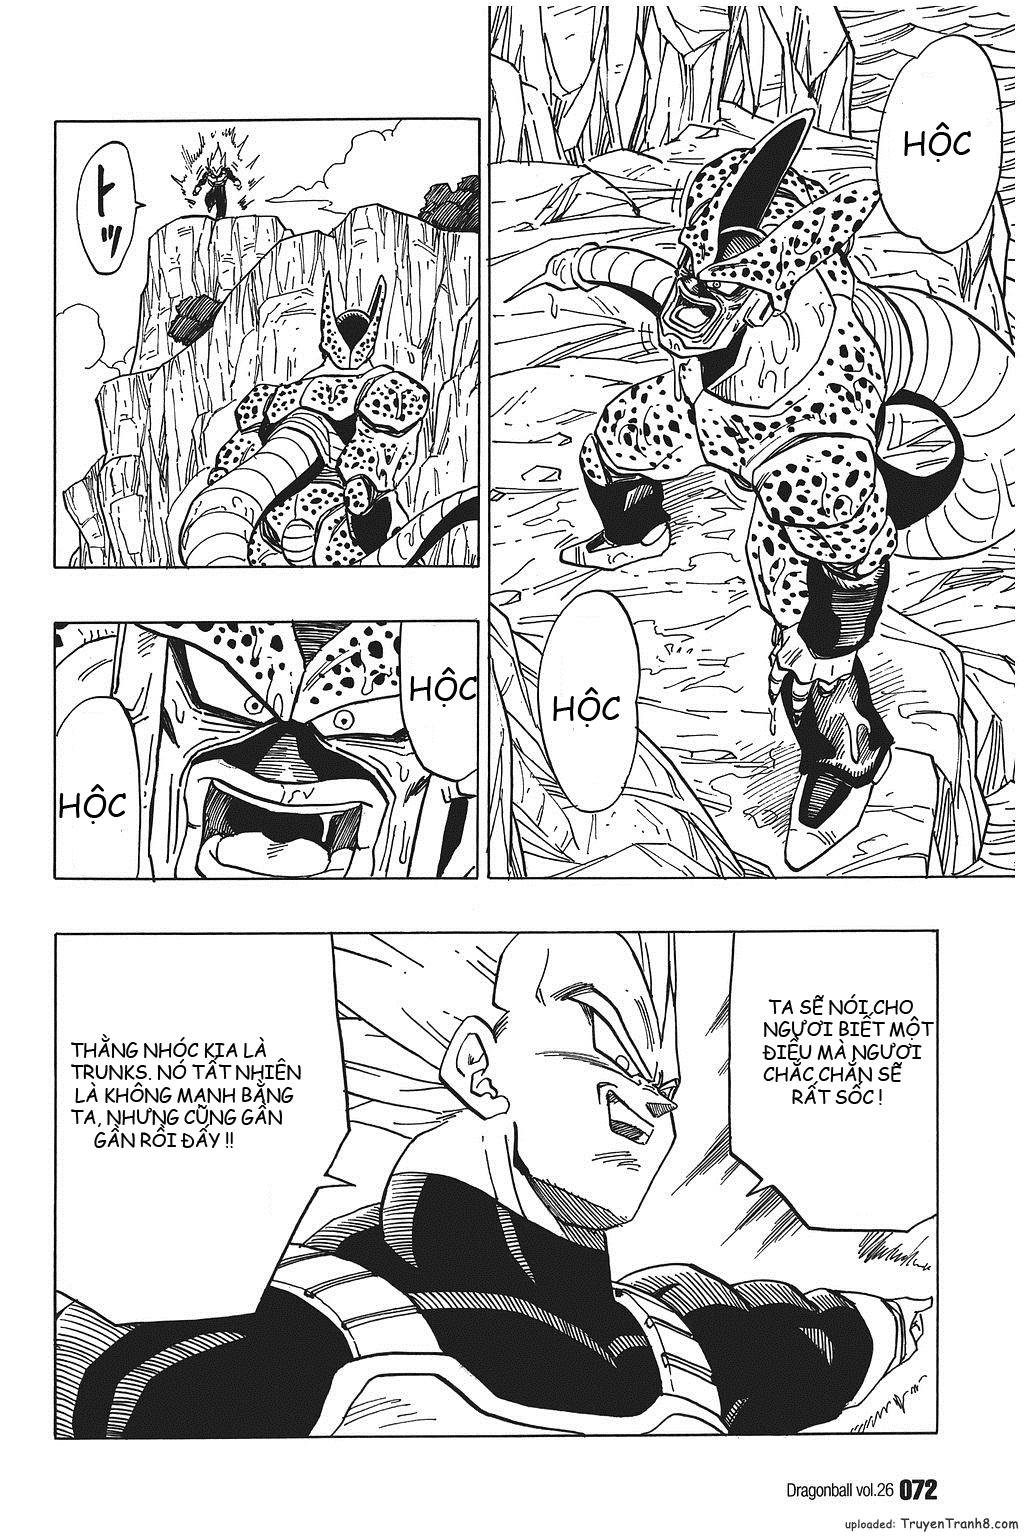 xem truyen moi - Dragon Ball Bản Vip - Bản Đẹp Nguyên Gốc Chap 379